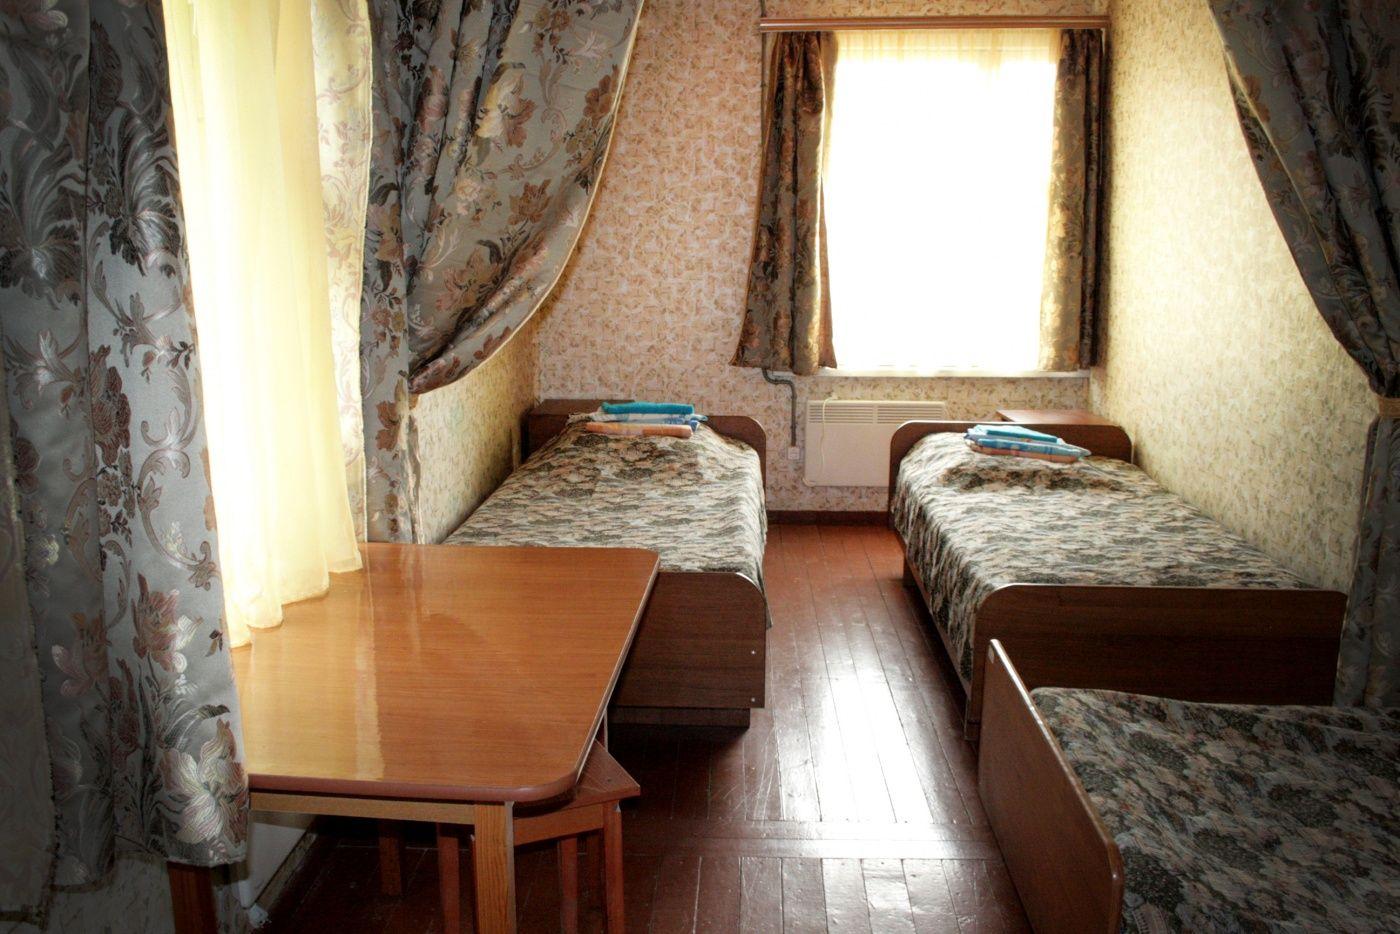 Загородный комплекс «Алые паруса» Самарская область 3-местные номера № 5, фото 2